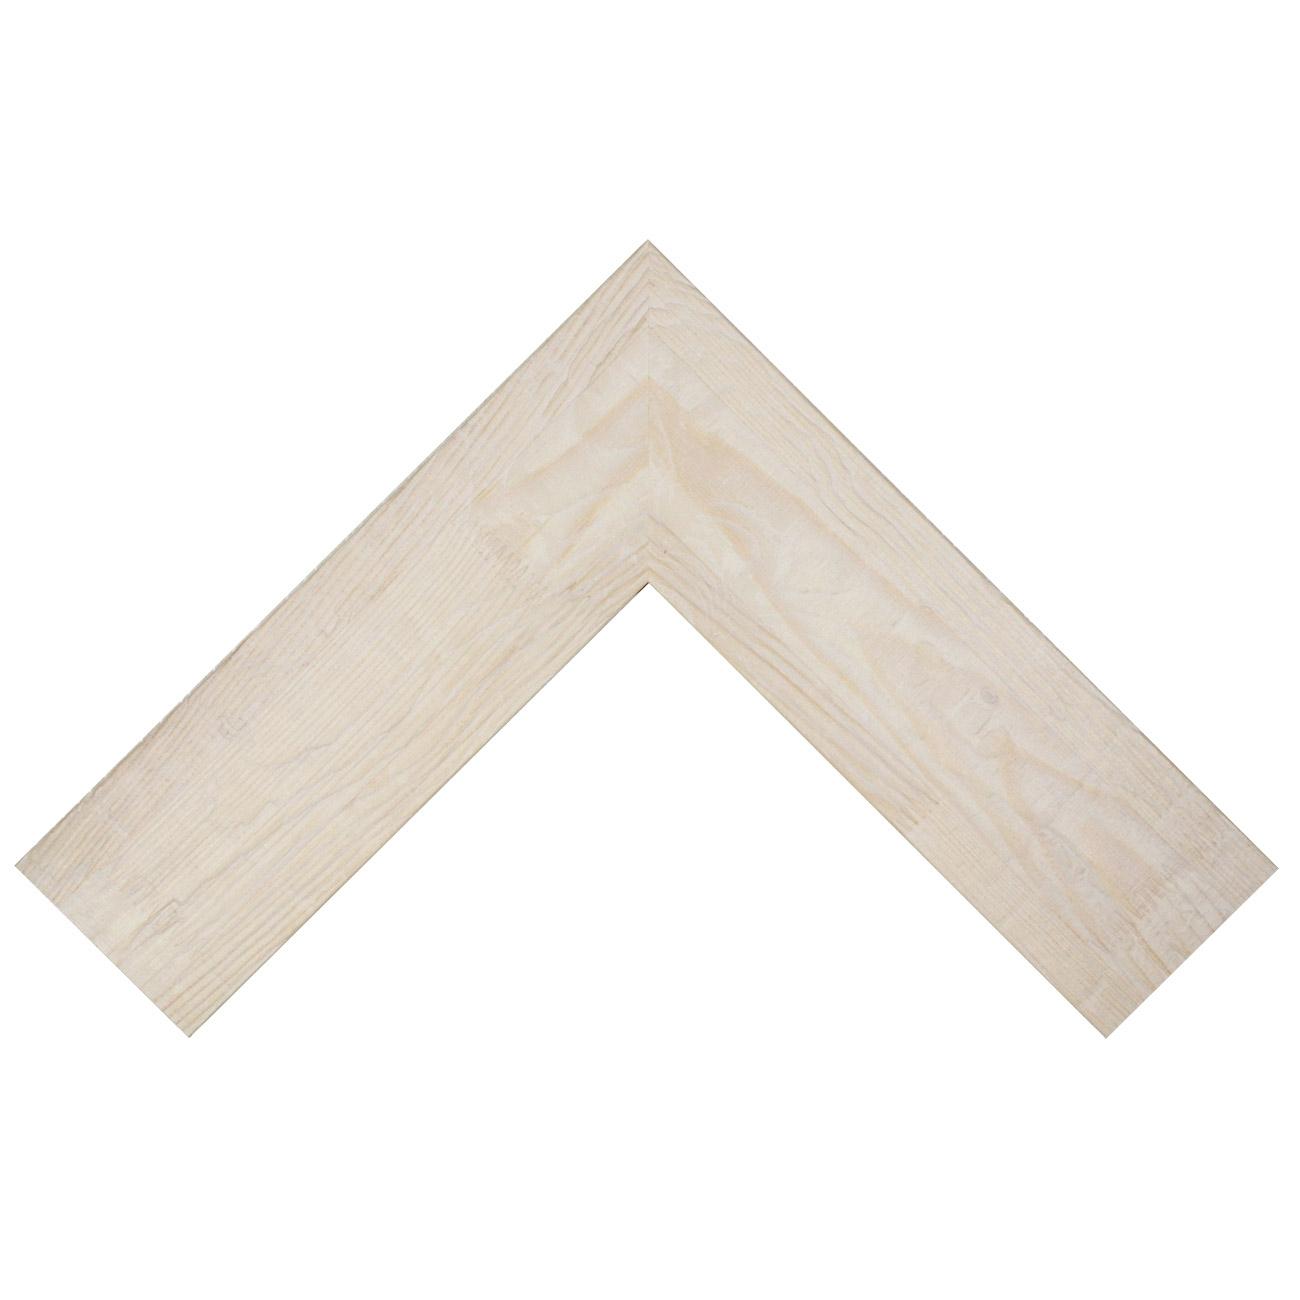 Baguette bois profil plat largeur 9.5cm couleur blanchie bois veiné